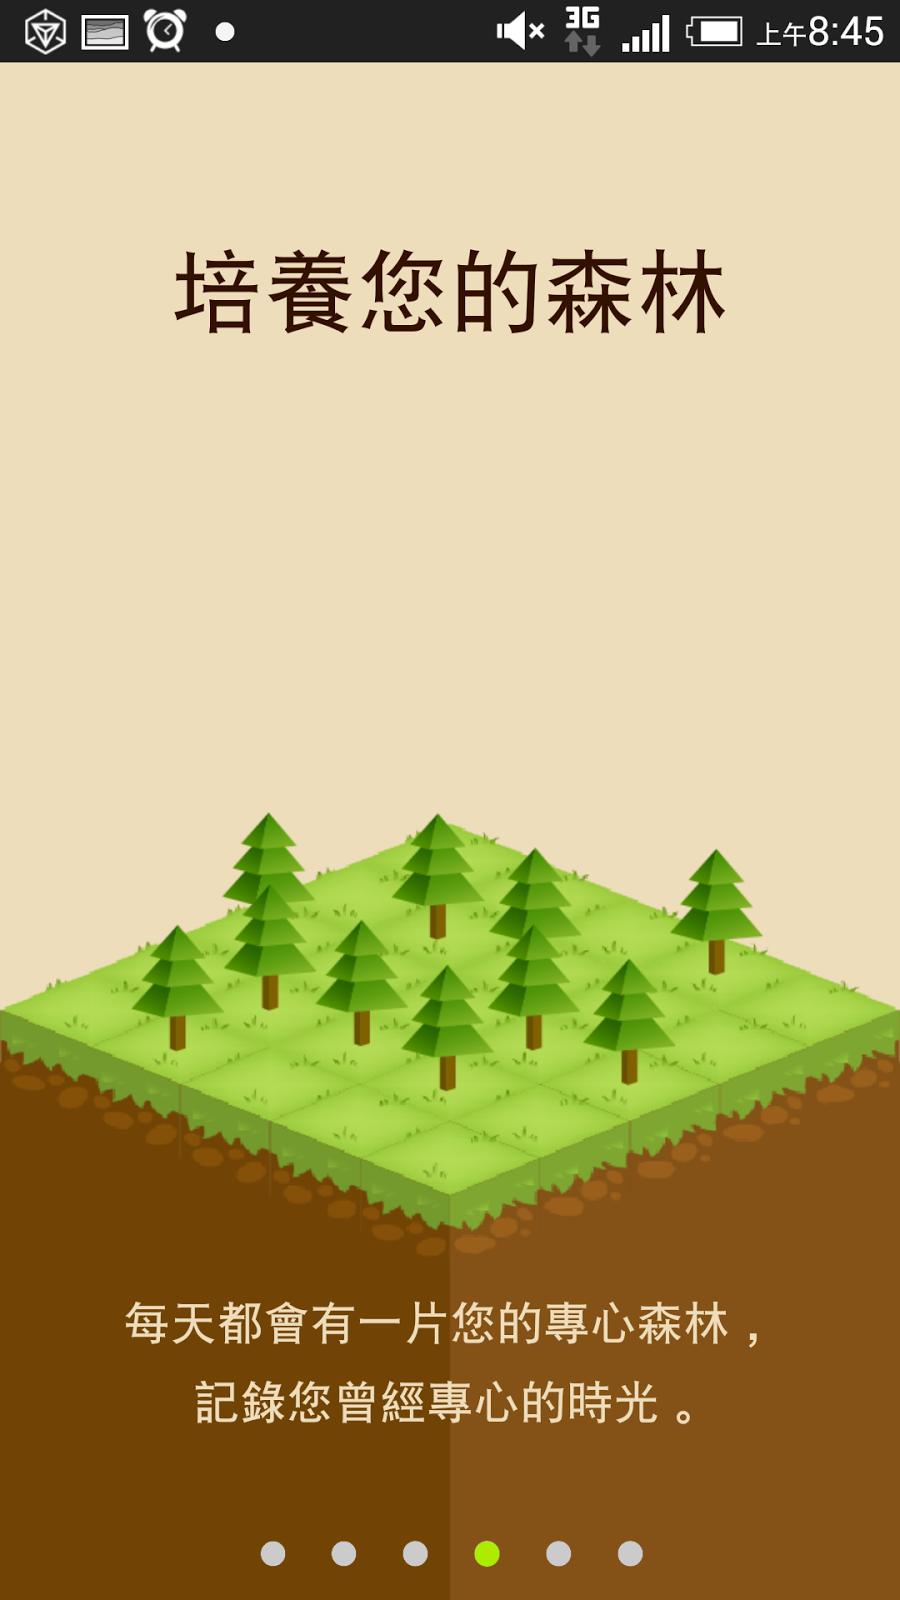 Forest 用專注力養育一片森林,動人的時間管理 App Forest-02